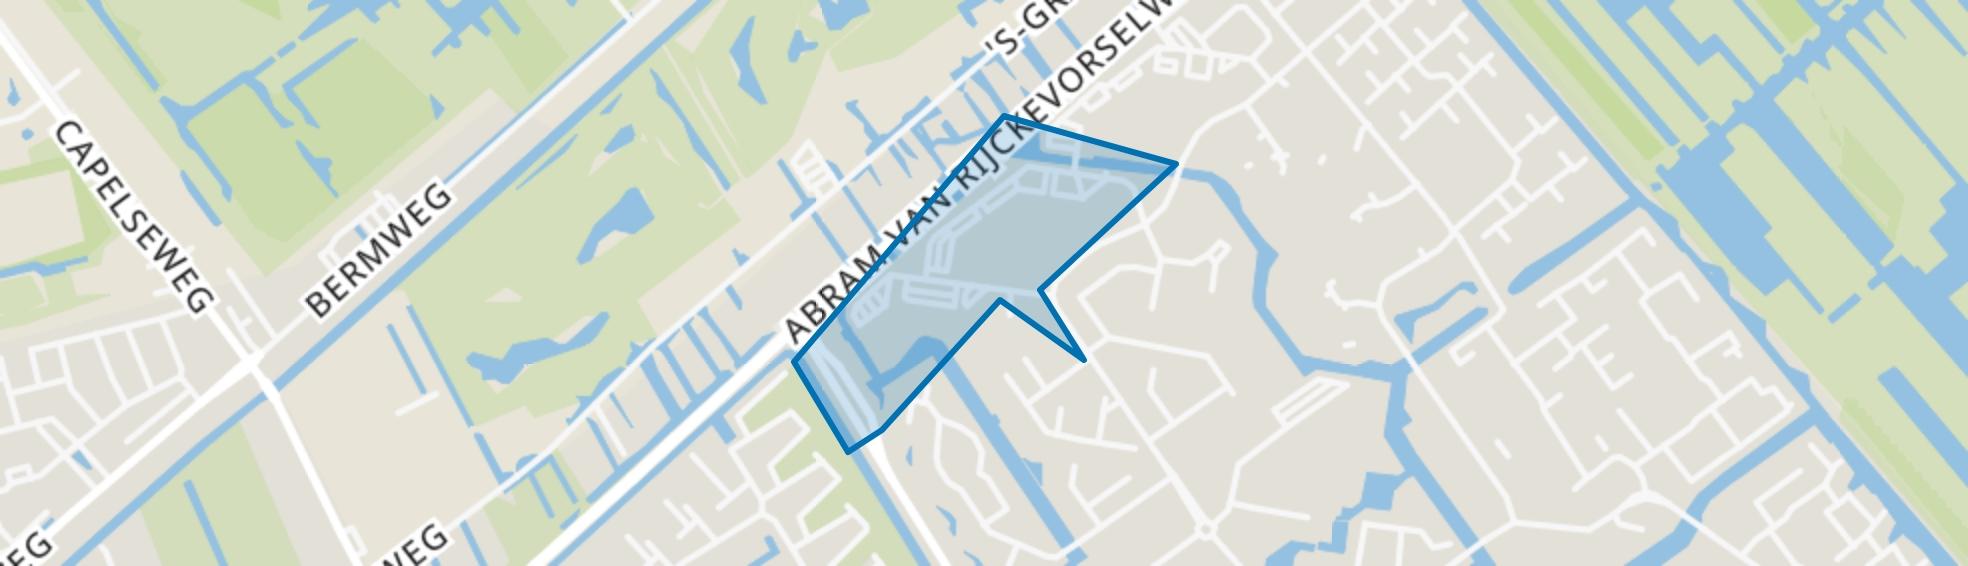 Beemster/Purmerhoek, Capelle aan den IJssel map